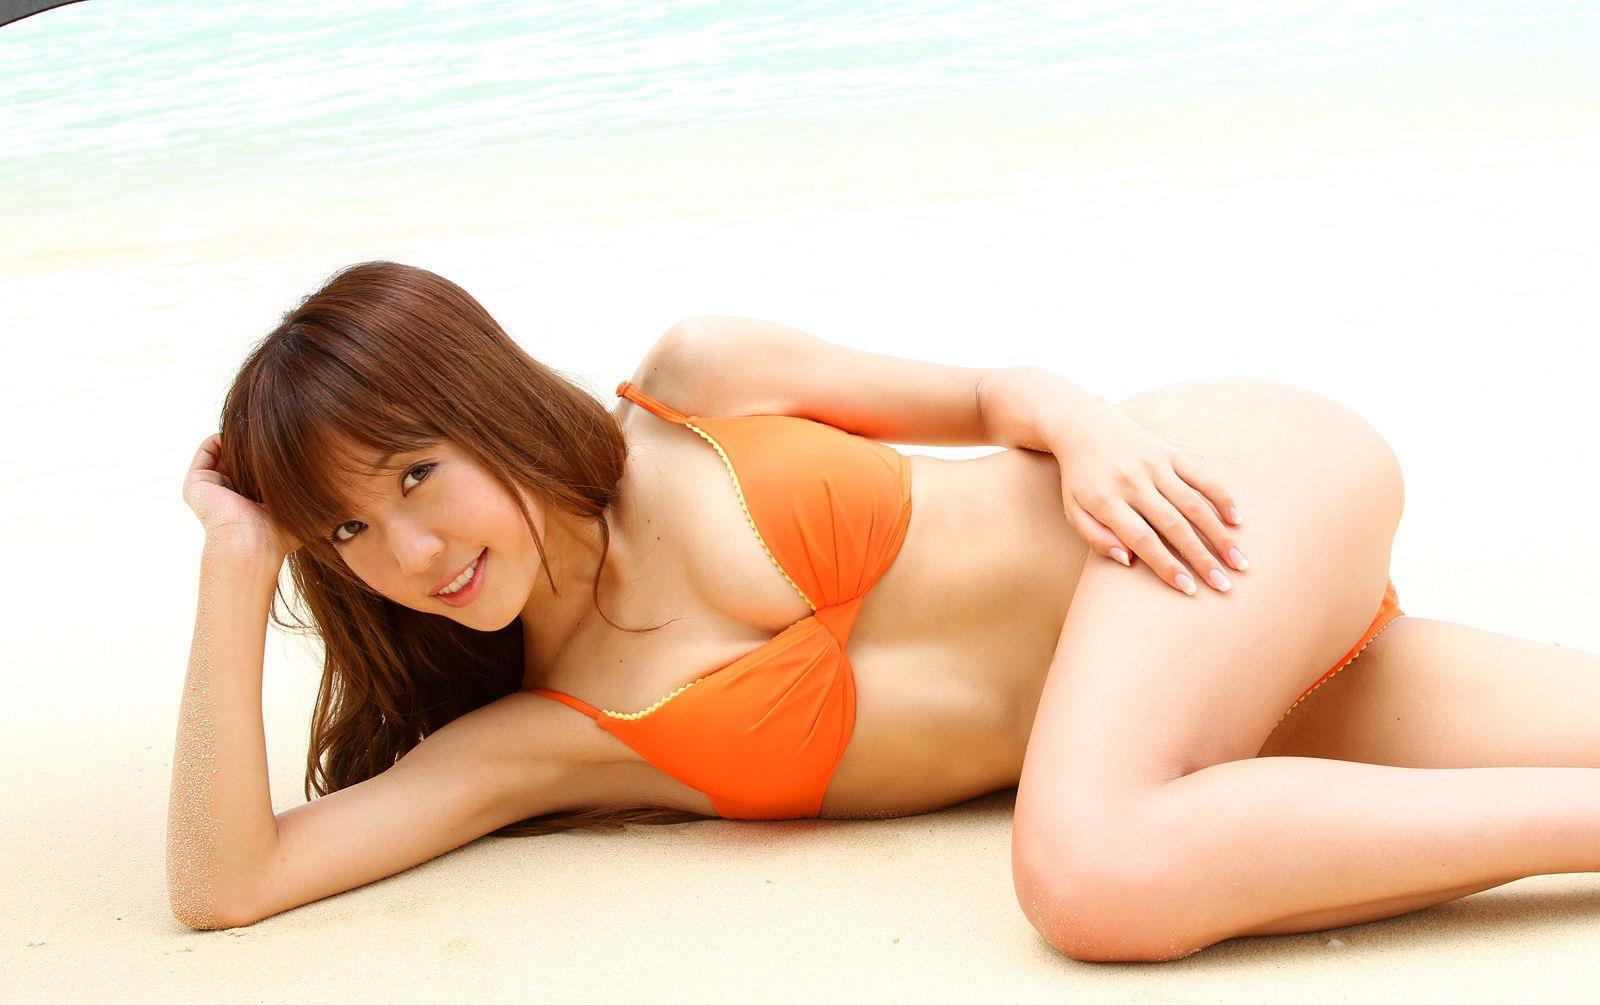 川崎希 画像 56